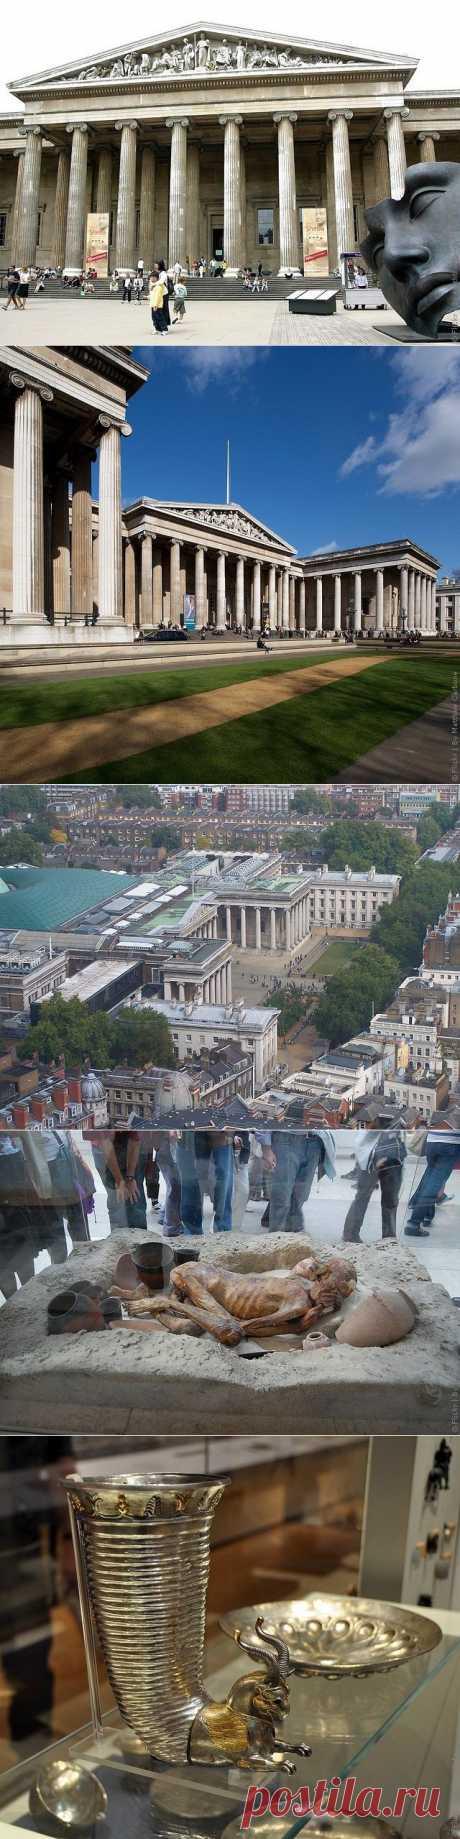 Британский музей в Лондоне, фото, библиотека и экспонаты музея